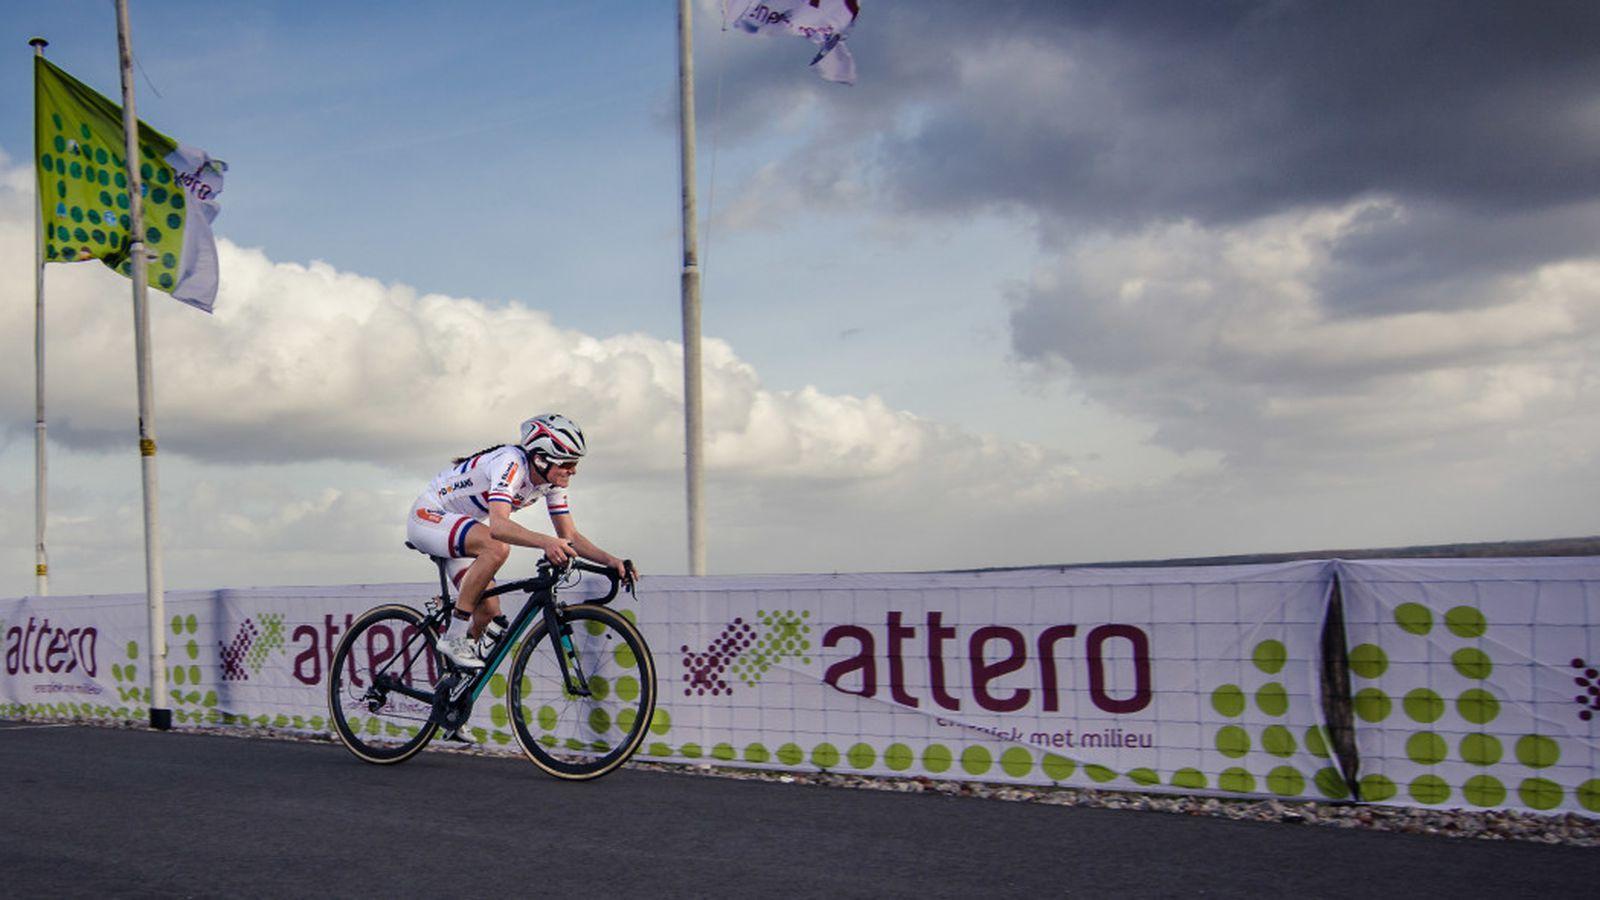 Lizzie Armitstead wins the 2014 Ronde van Drenthe